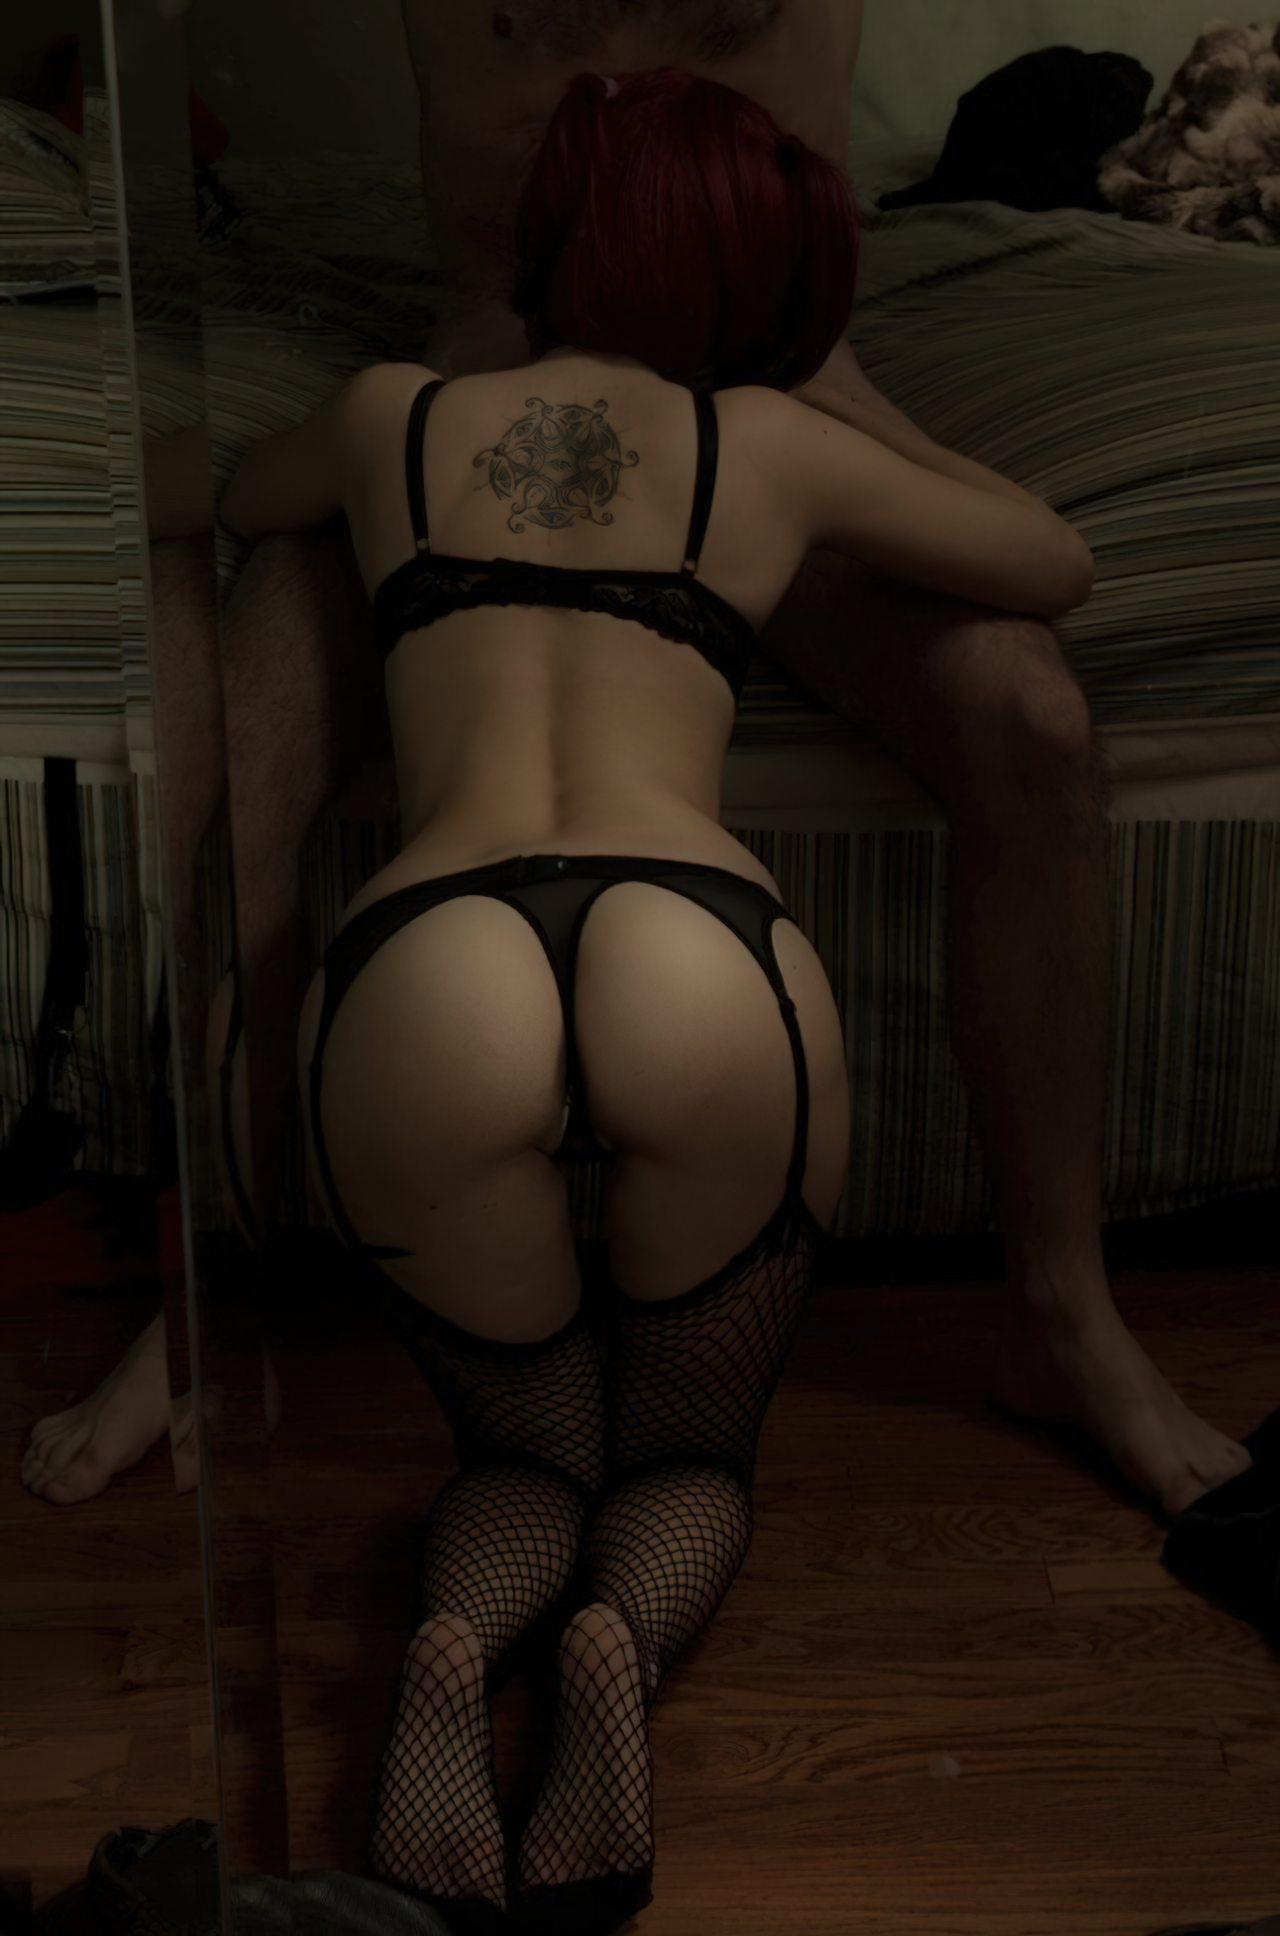 mulheres amadoras videos de sexo oral